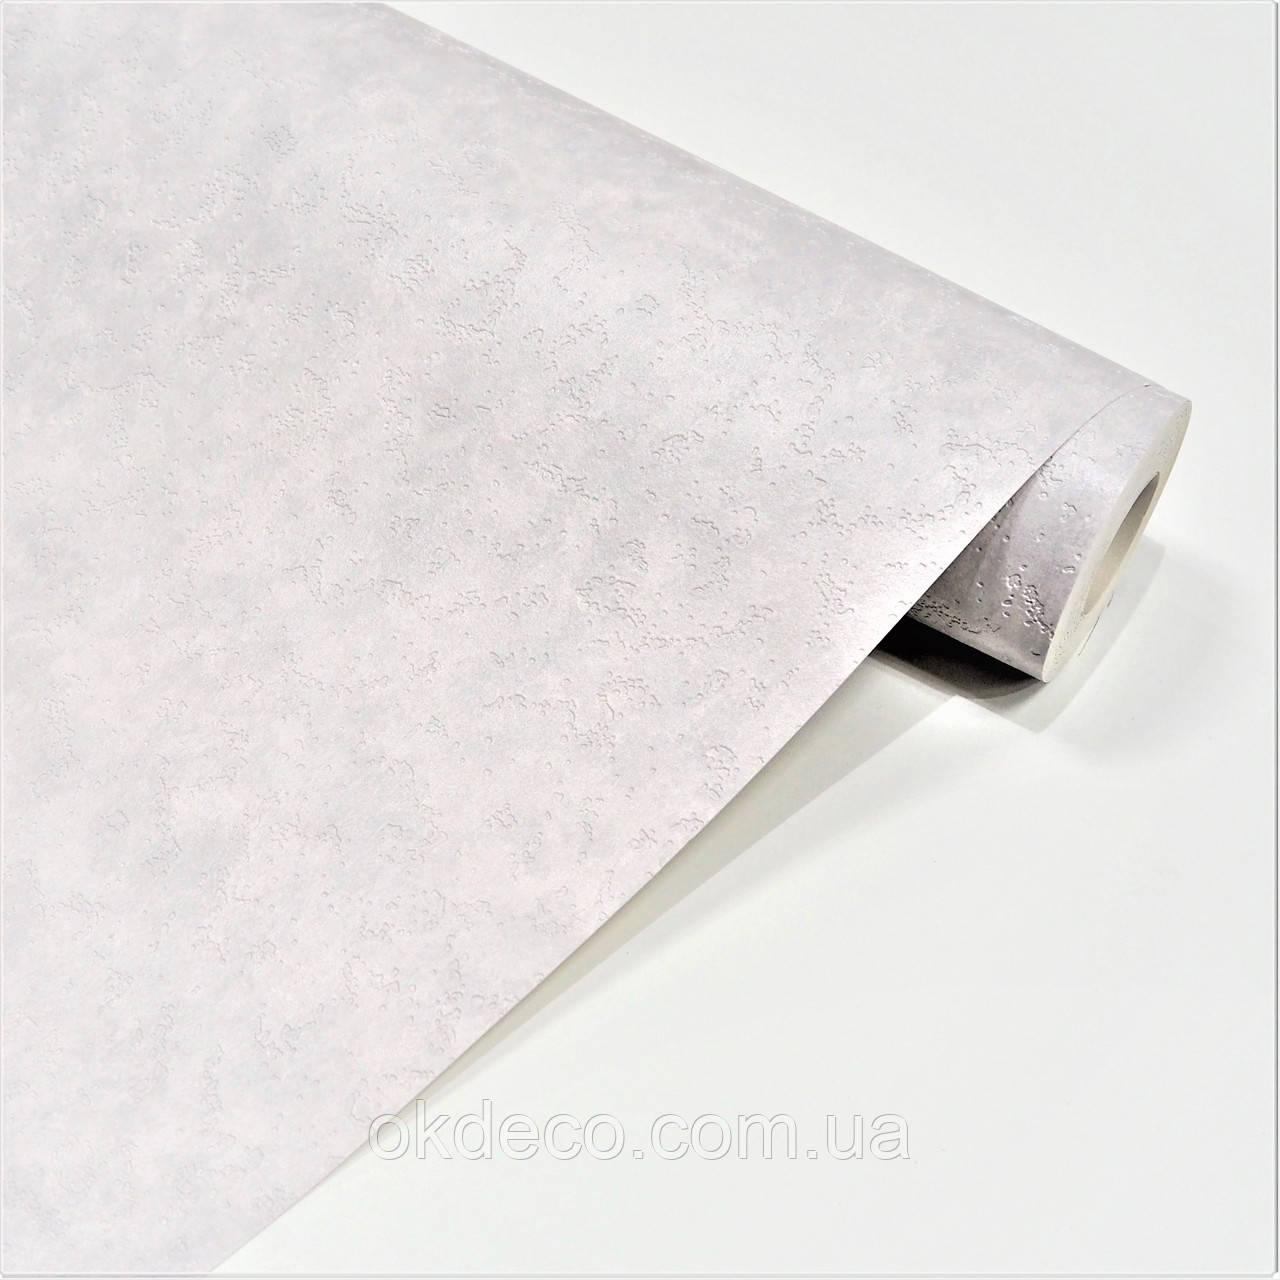 Обои виниловые на бумажной основе Sintra Decoration 416808